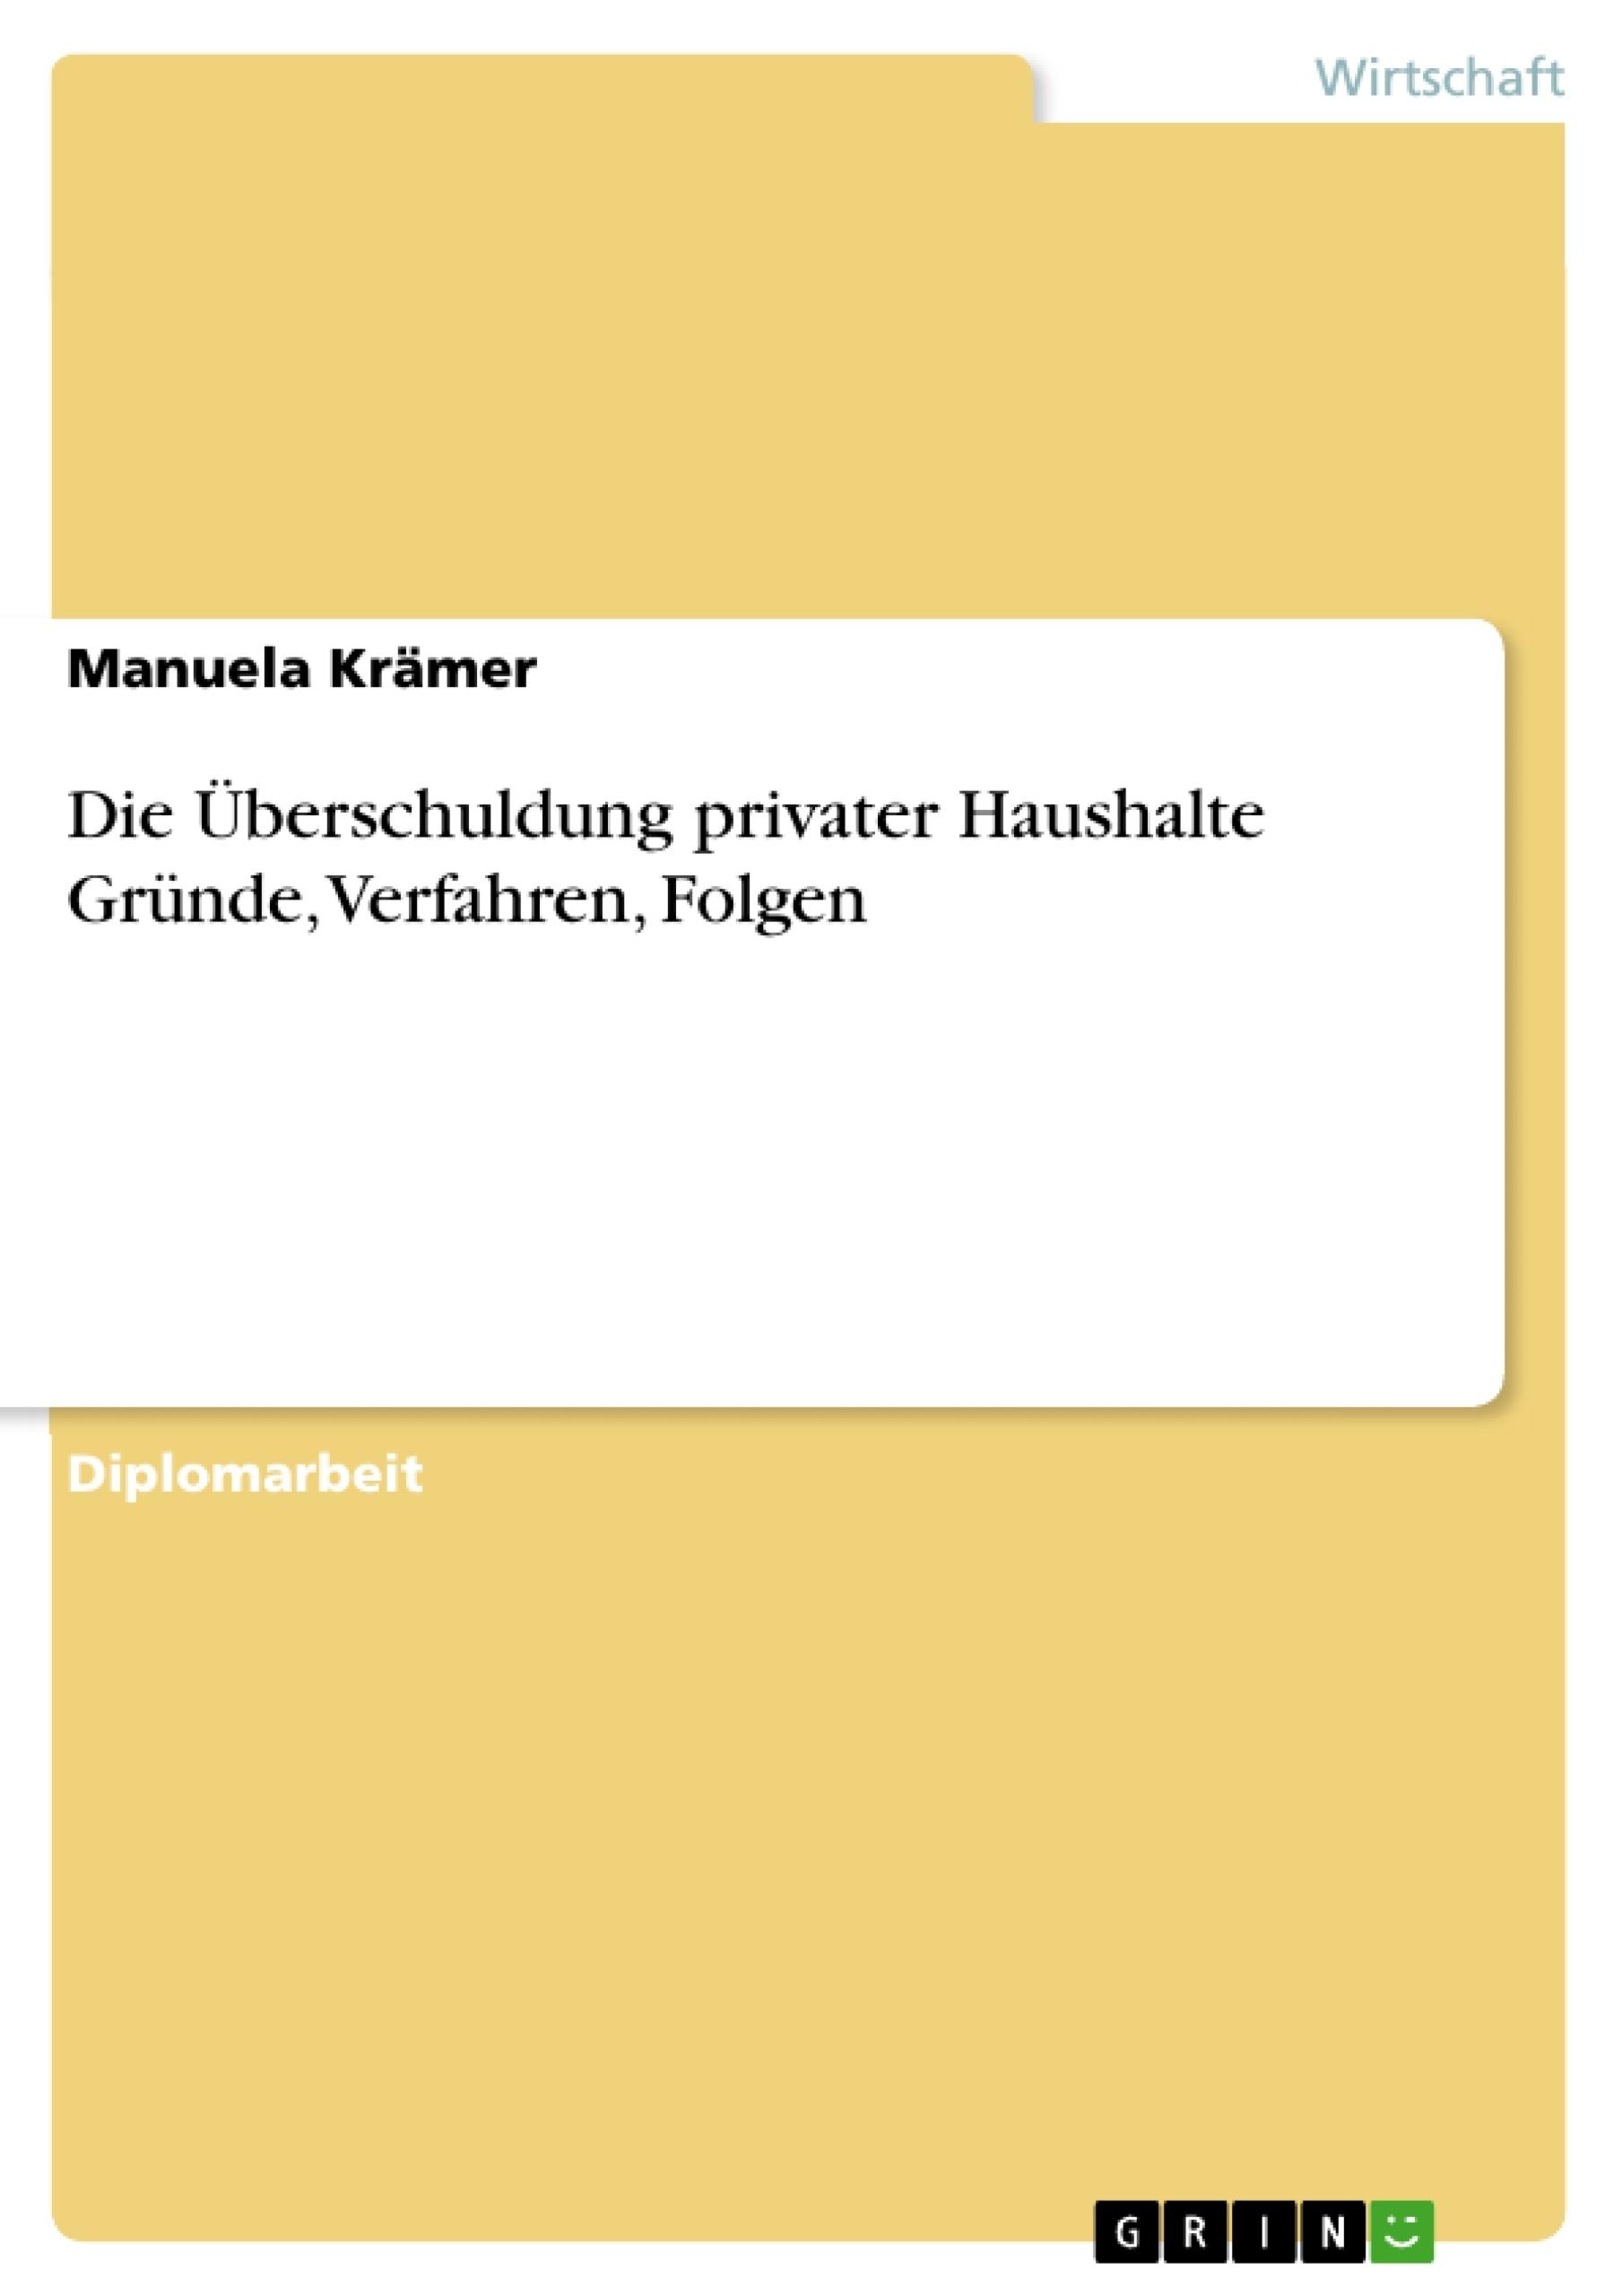 Titel: Die Überschuldung privater Haushalte Gründe, Verfahren, Folgen